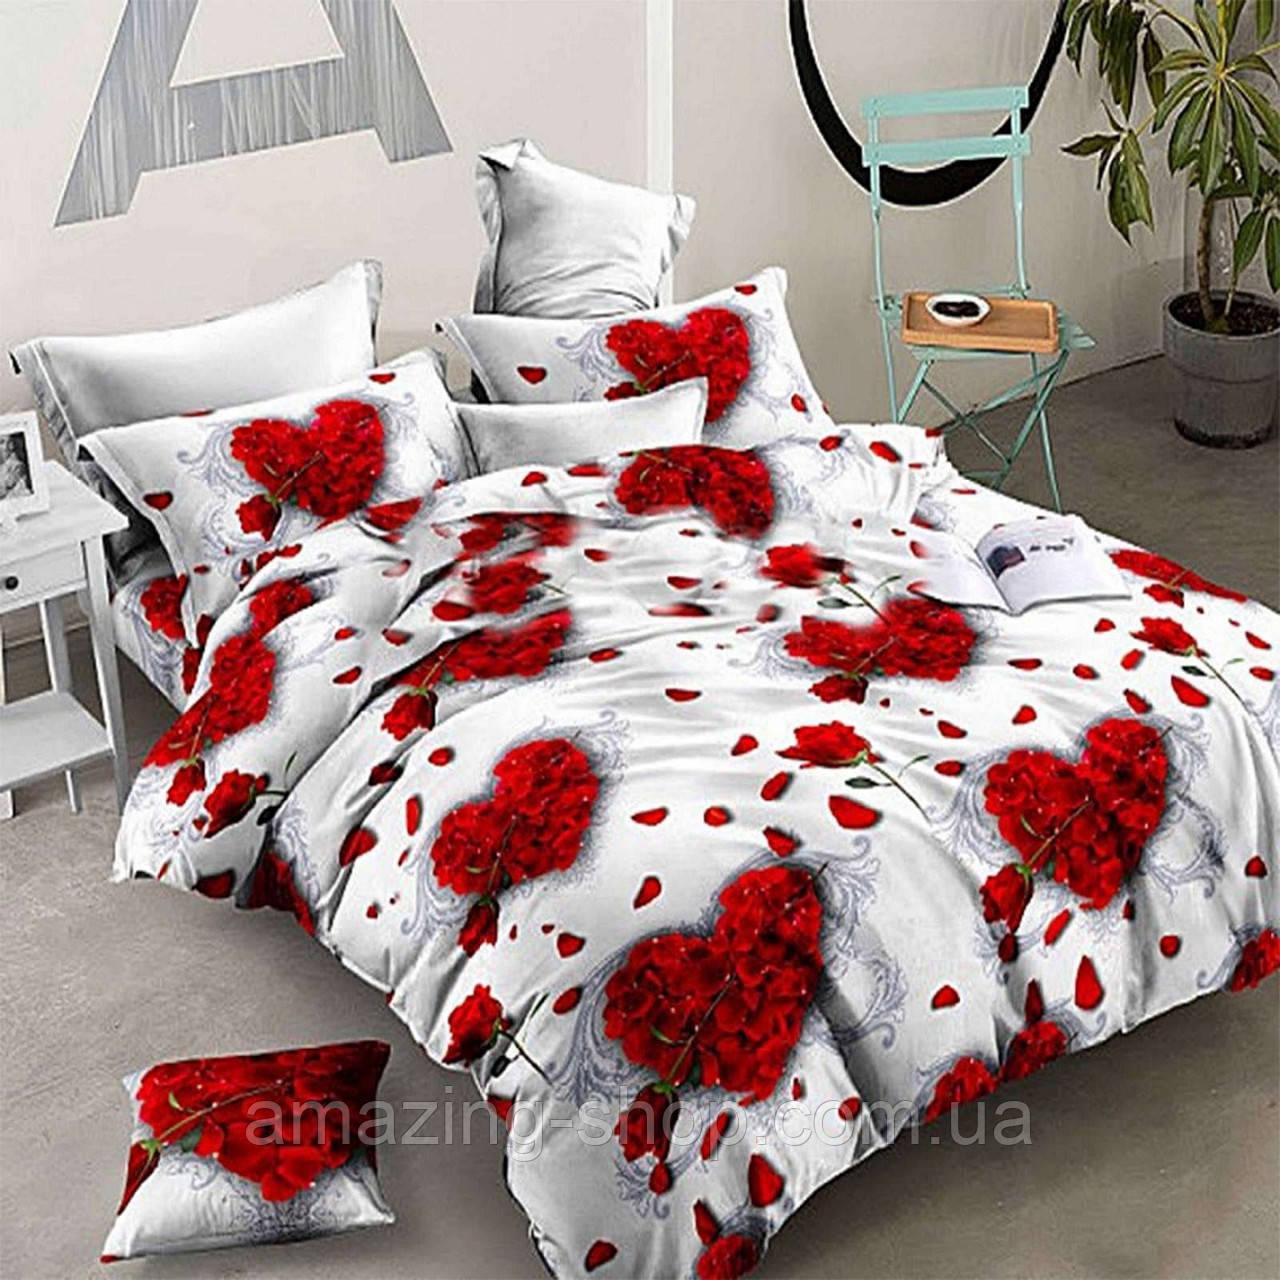 Полуторный комплект постельного белья Бязь Gold Размер 150*215